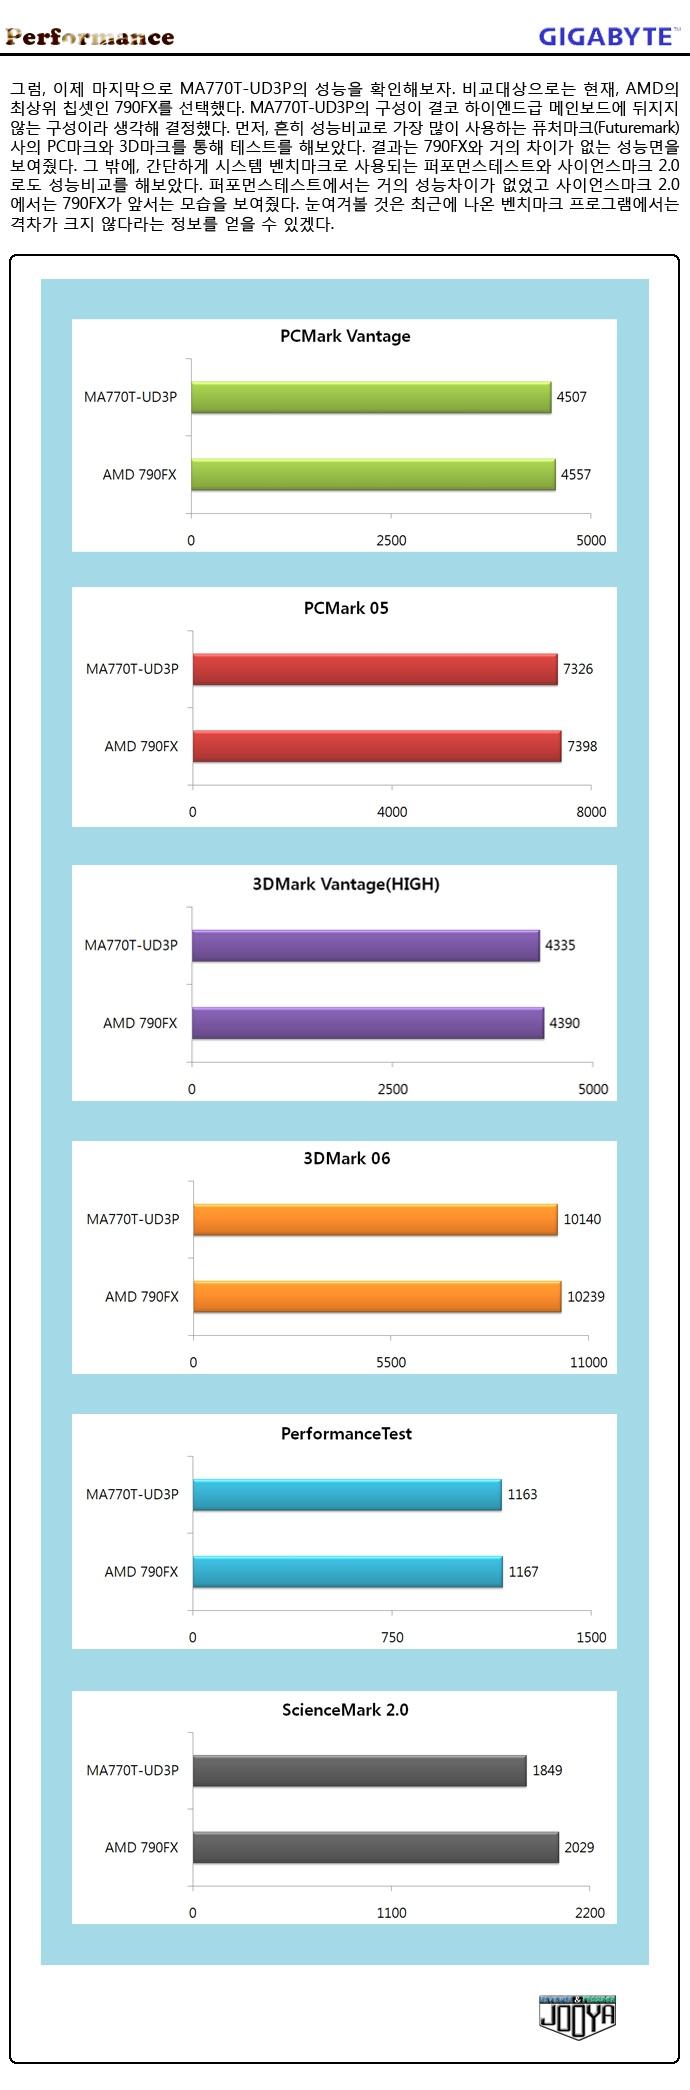 이제 마지막으로 790X 랑 비교해 보아야 겠다. 22만원대 과 14만원대의 가격 차이 많큼 봤을 때, 8만원의 가치가 못할 것 같다  790X 보드가 .